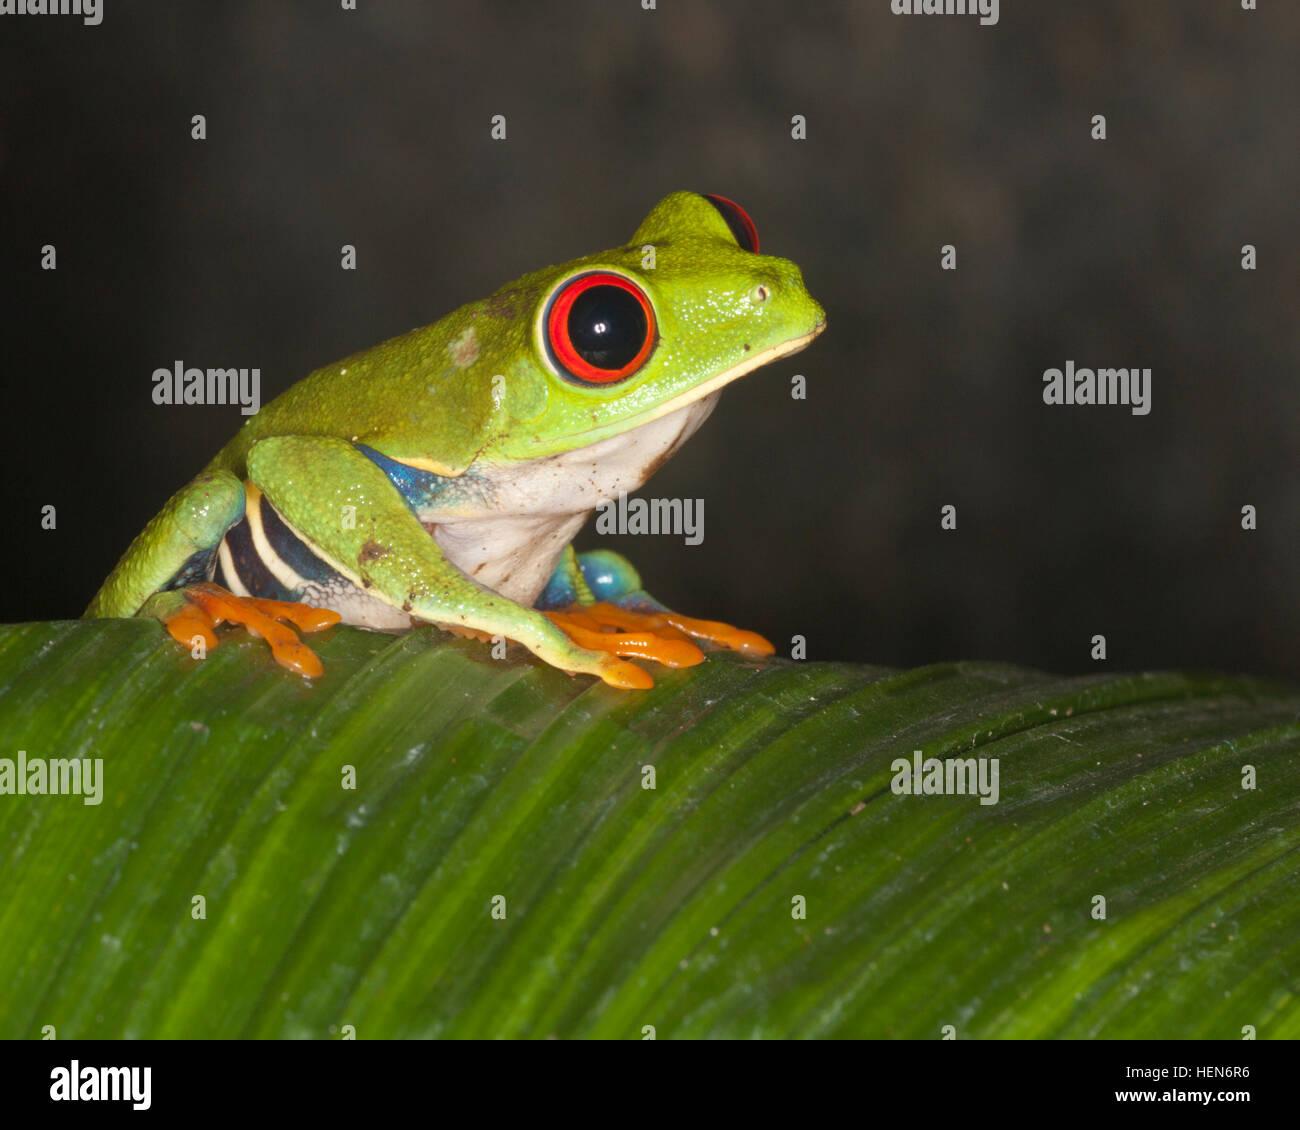 La rainette aux yeux rouges (agalychnis callidryas) sur des feuilles de la forêt tropicale, aussi connu sous les yeux rouges Grenouille Feuille Banque D'Images